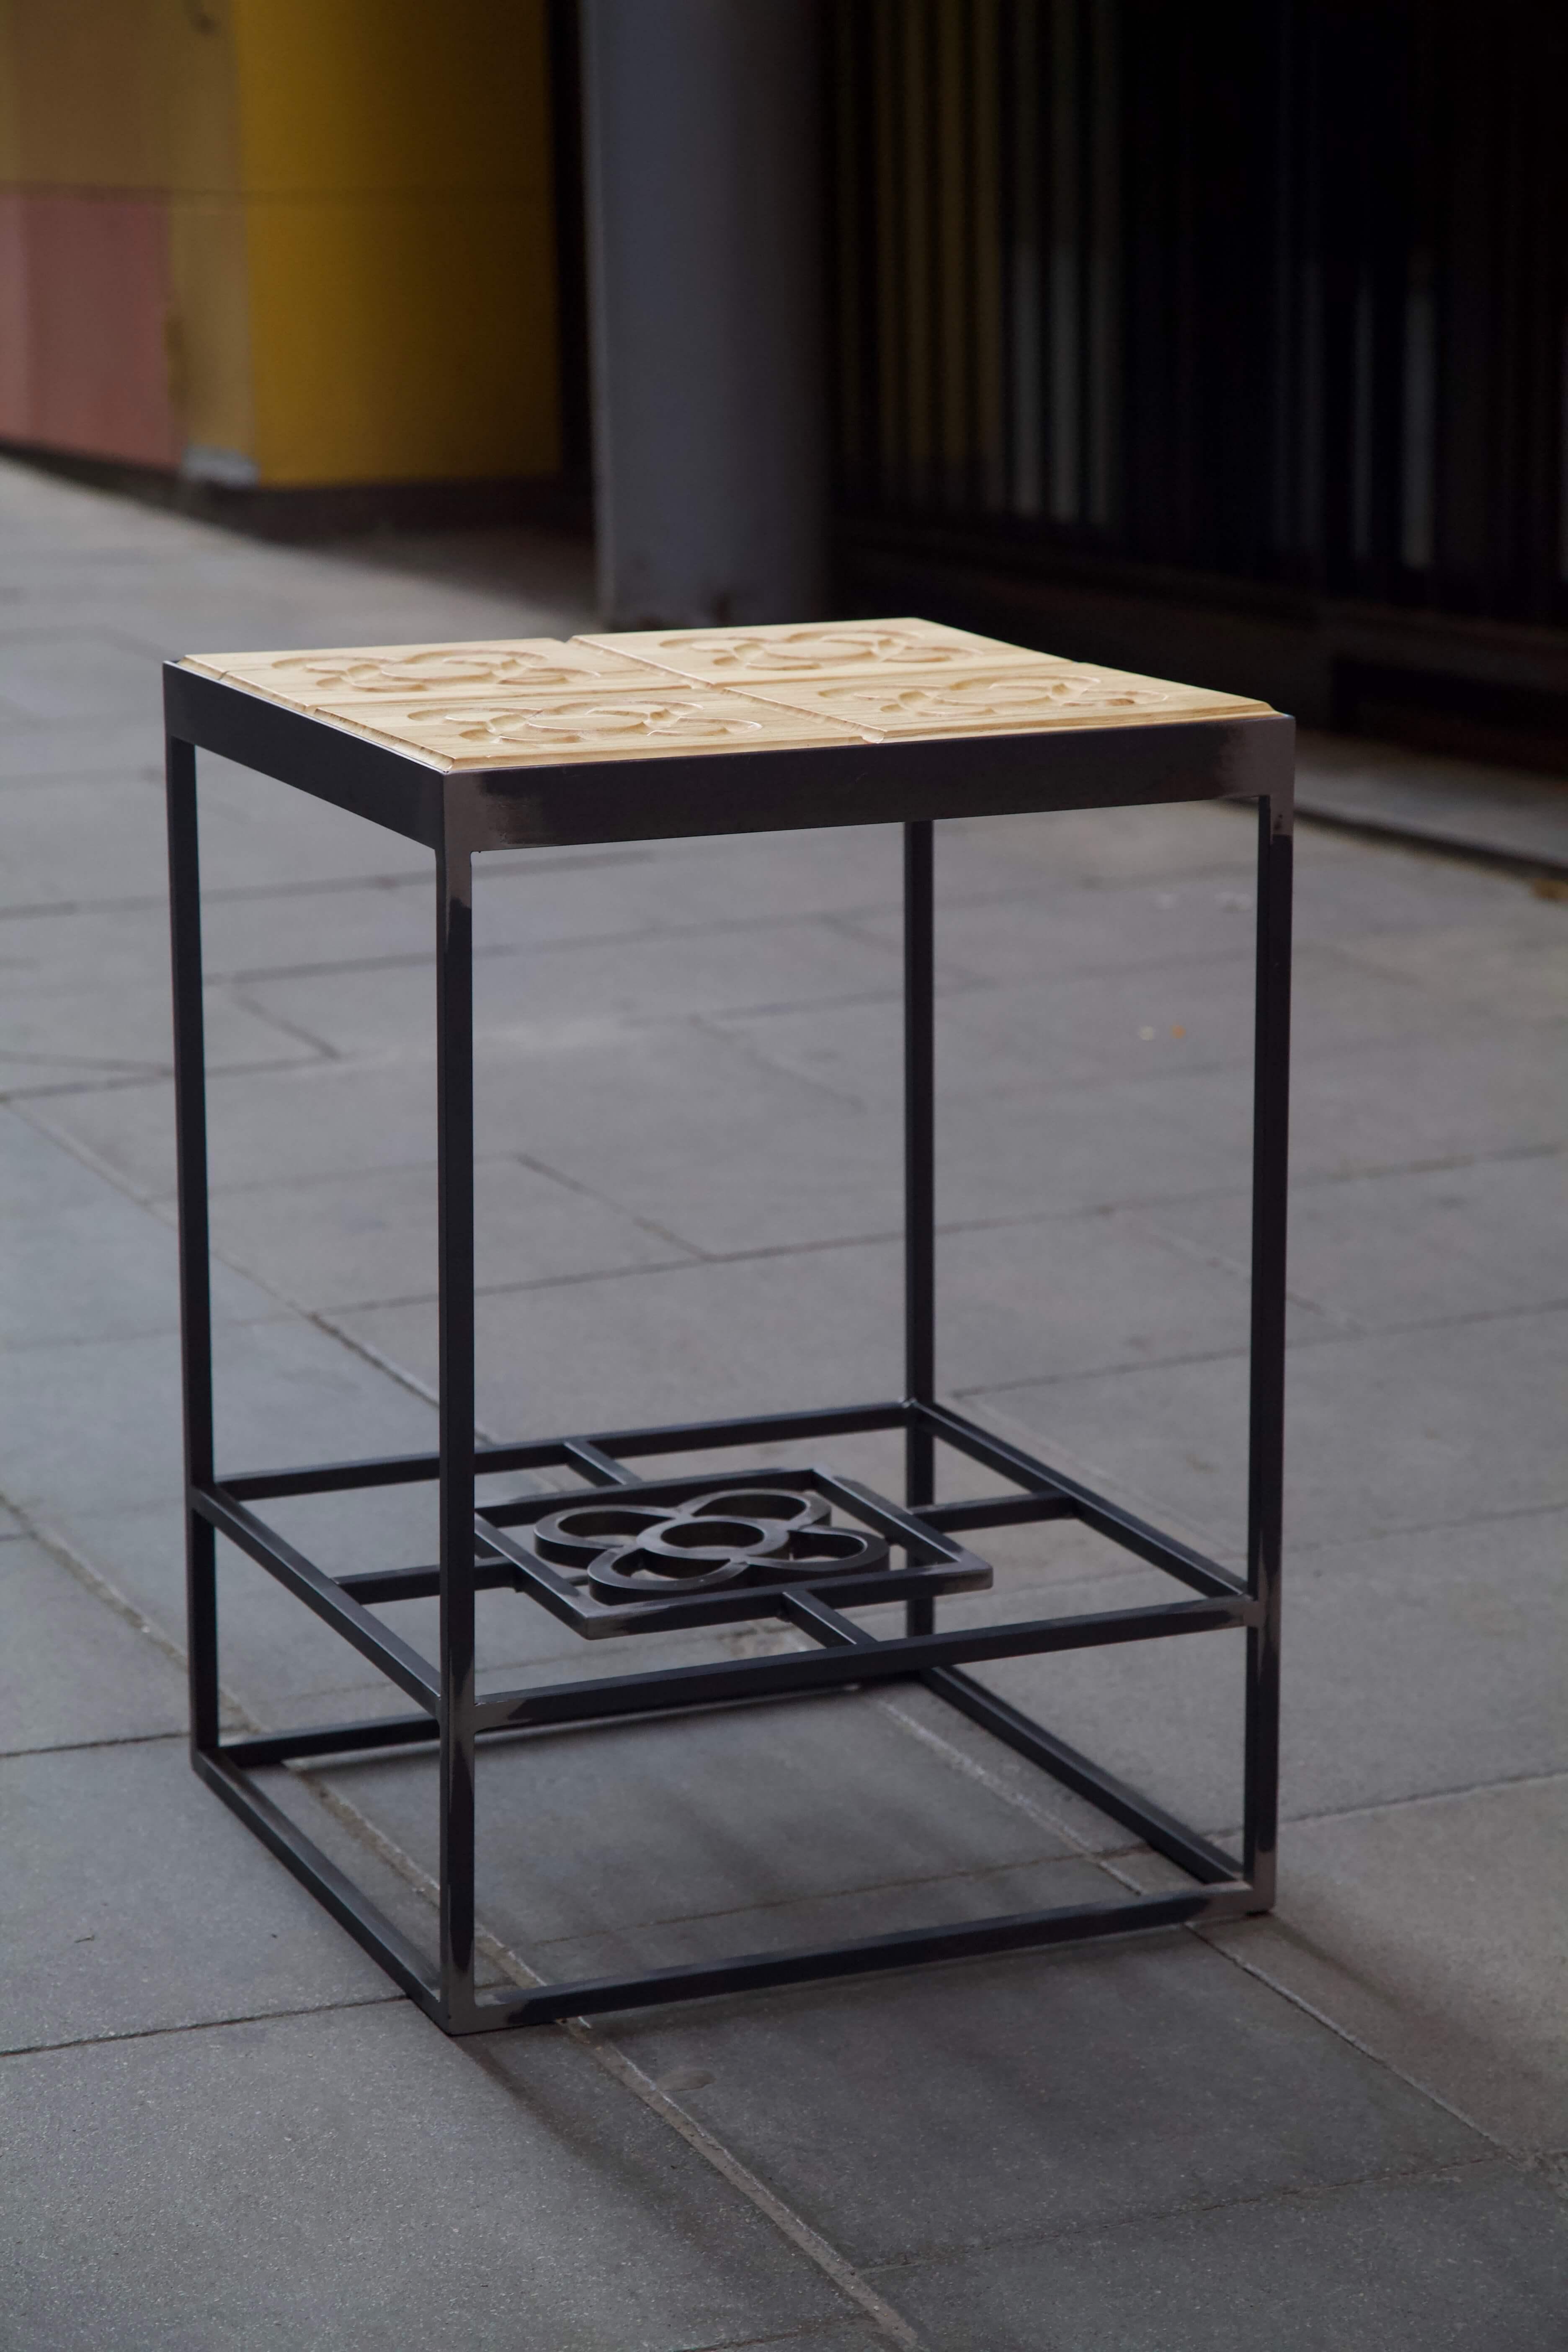 Mesa hecha con estructura de hierro y panots flor de barcelona en madera